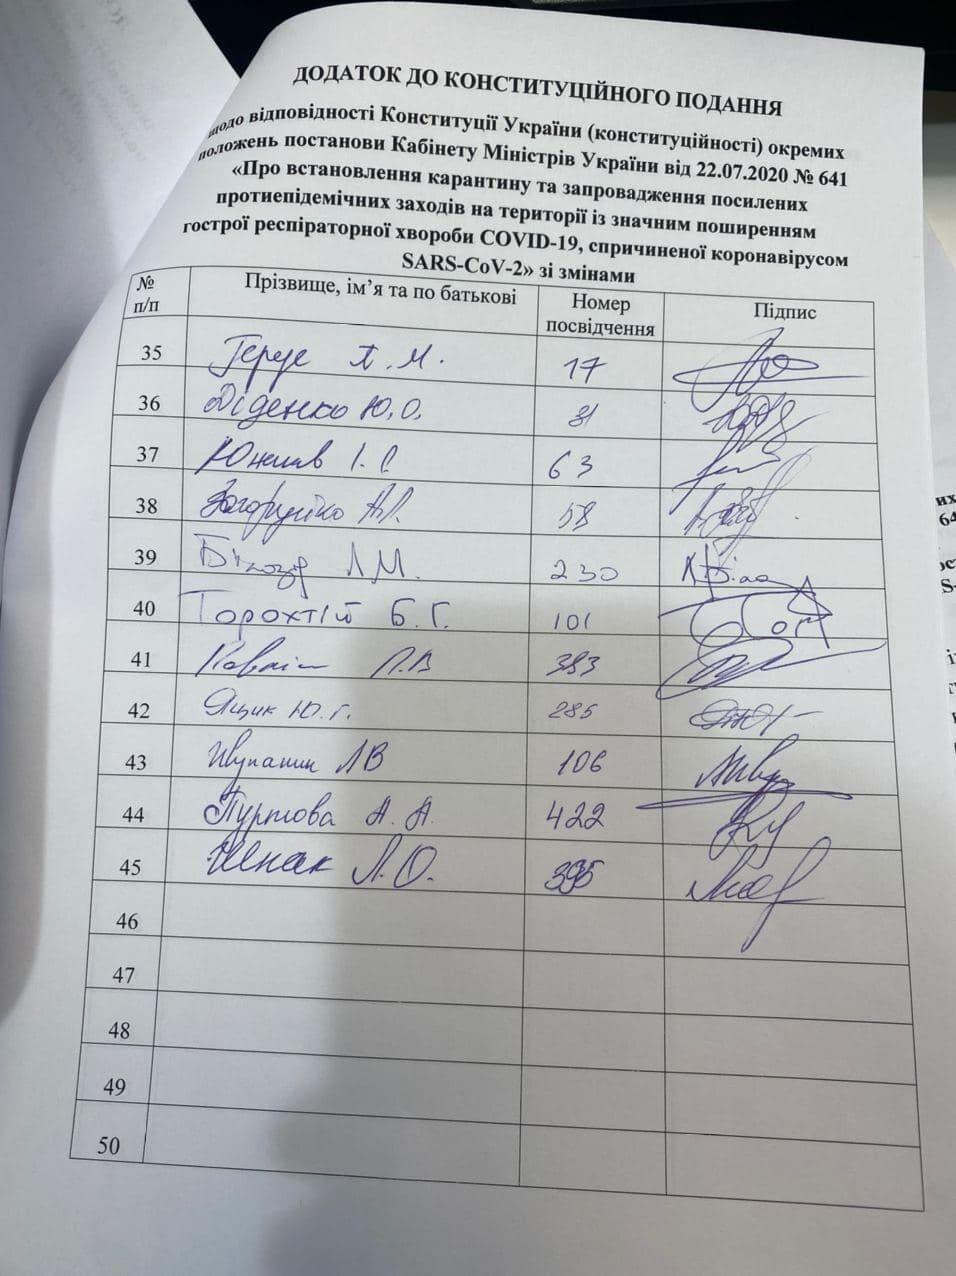 Нардепи попросили оцінити конституційність постанови Кабіна щодо карантину